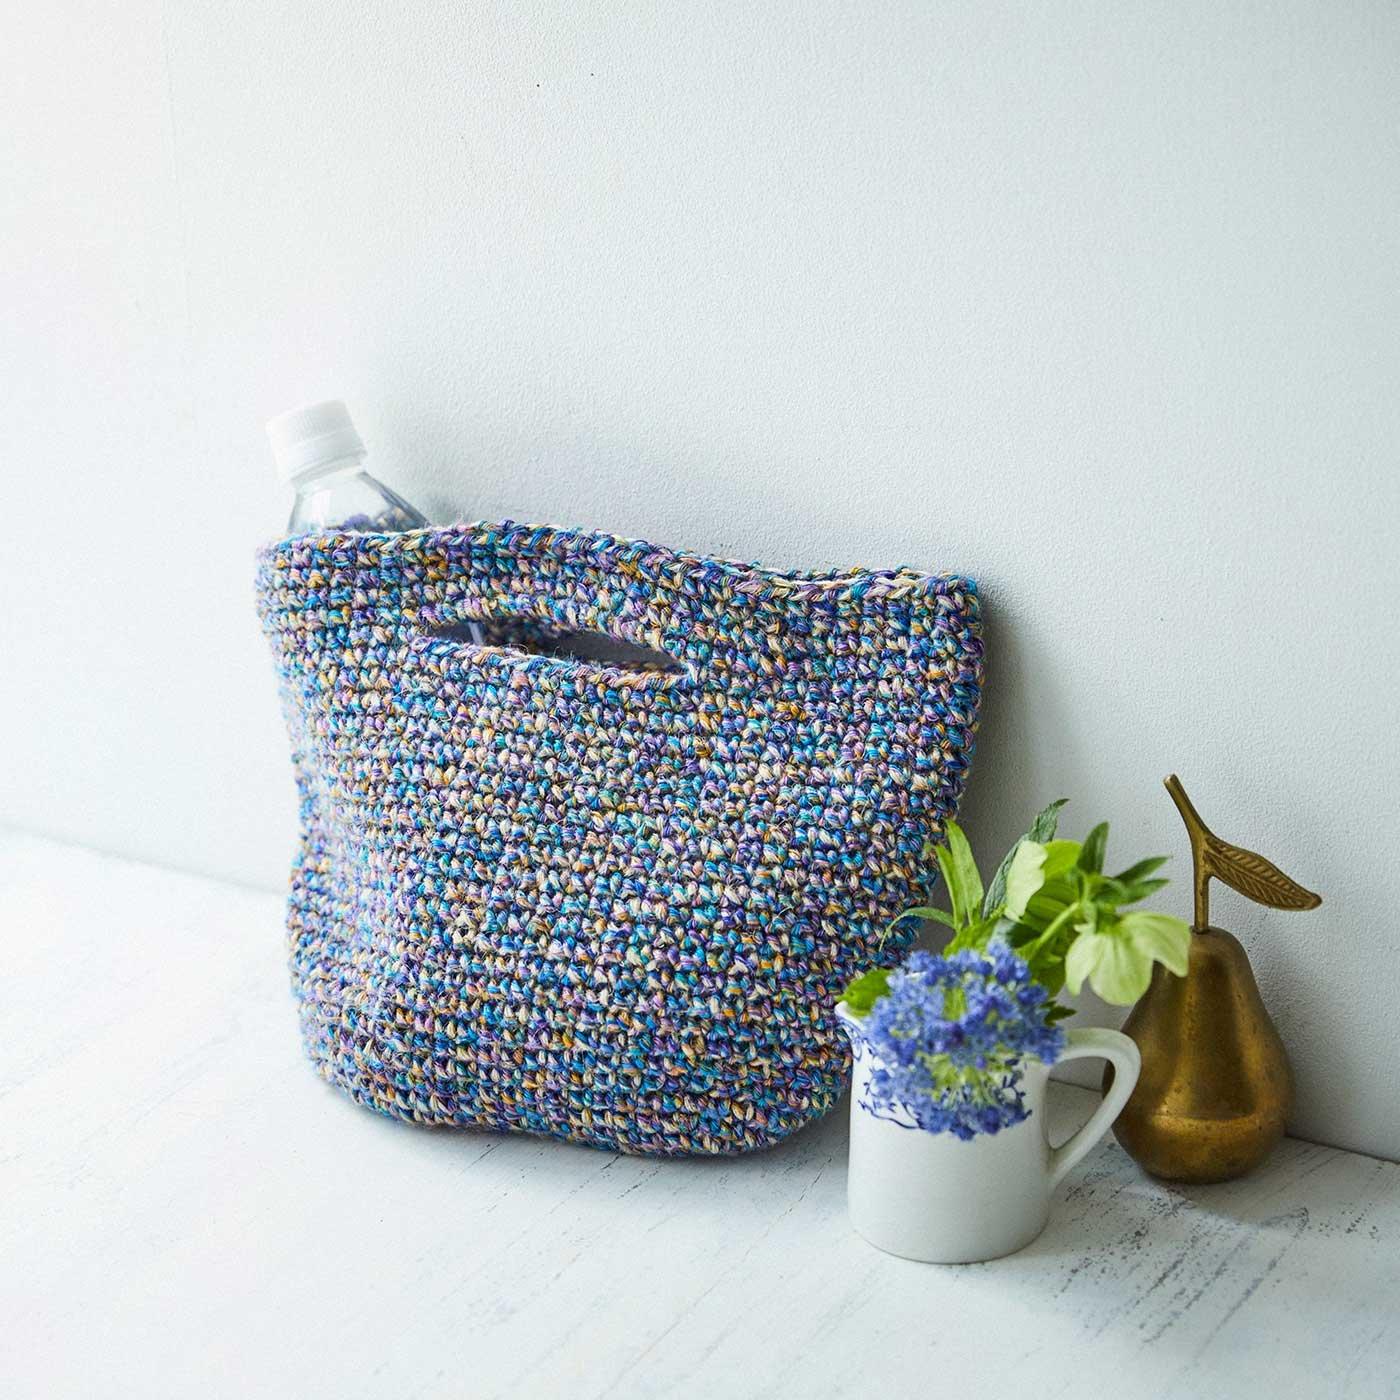 糸遣いで差をつける イタリア製変わり糸のミニトートバッグが編めるキット